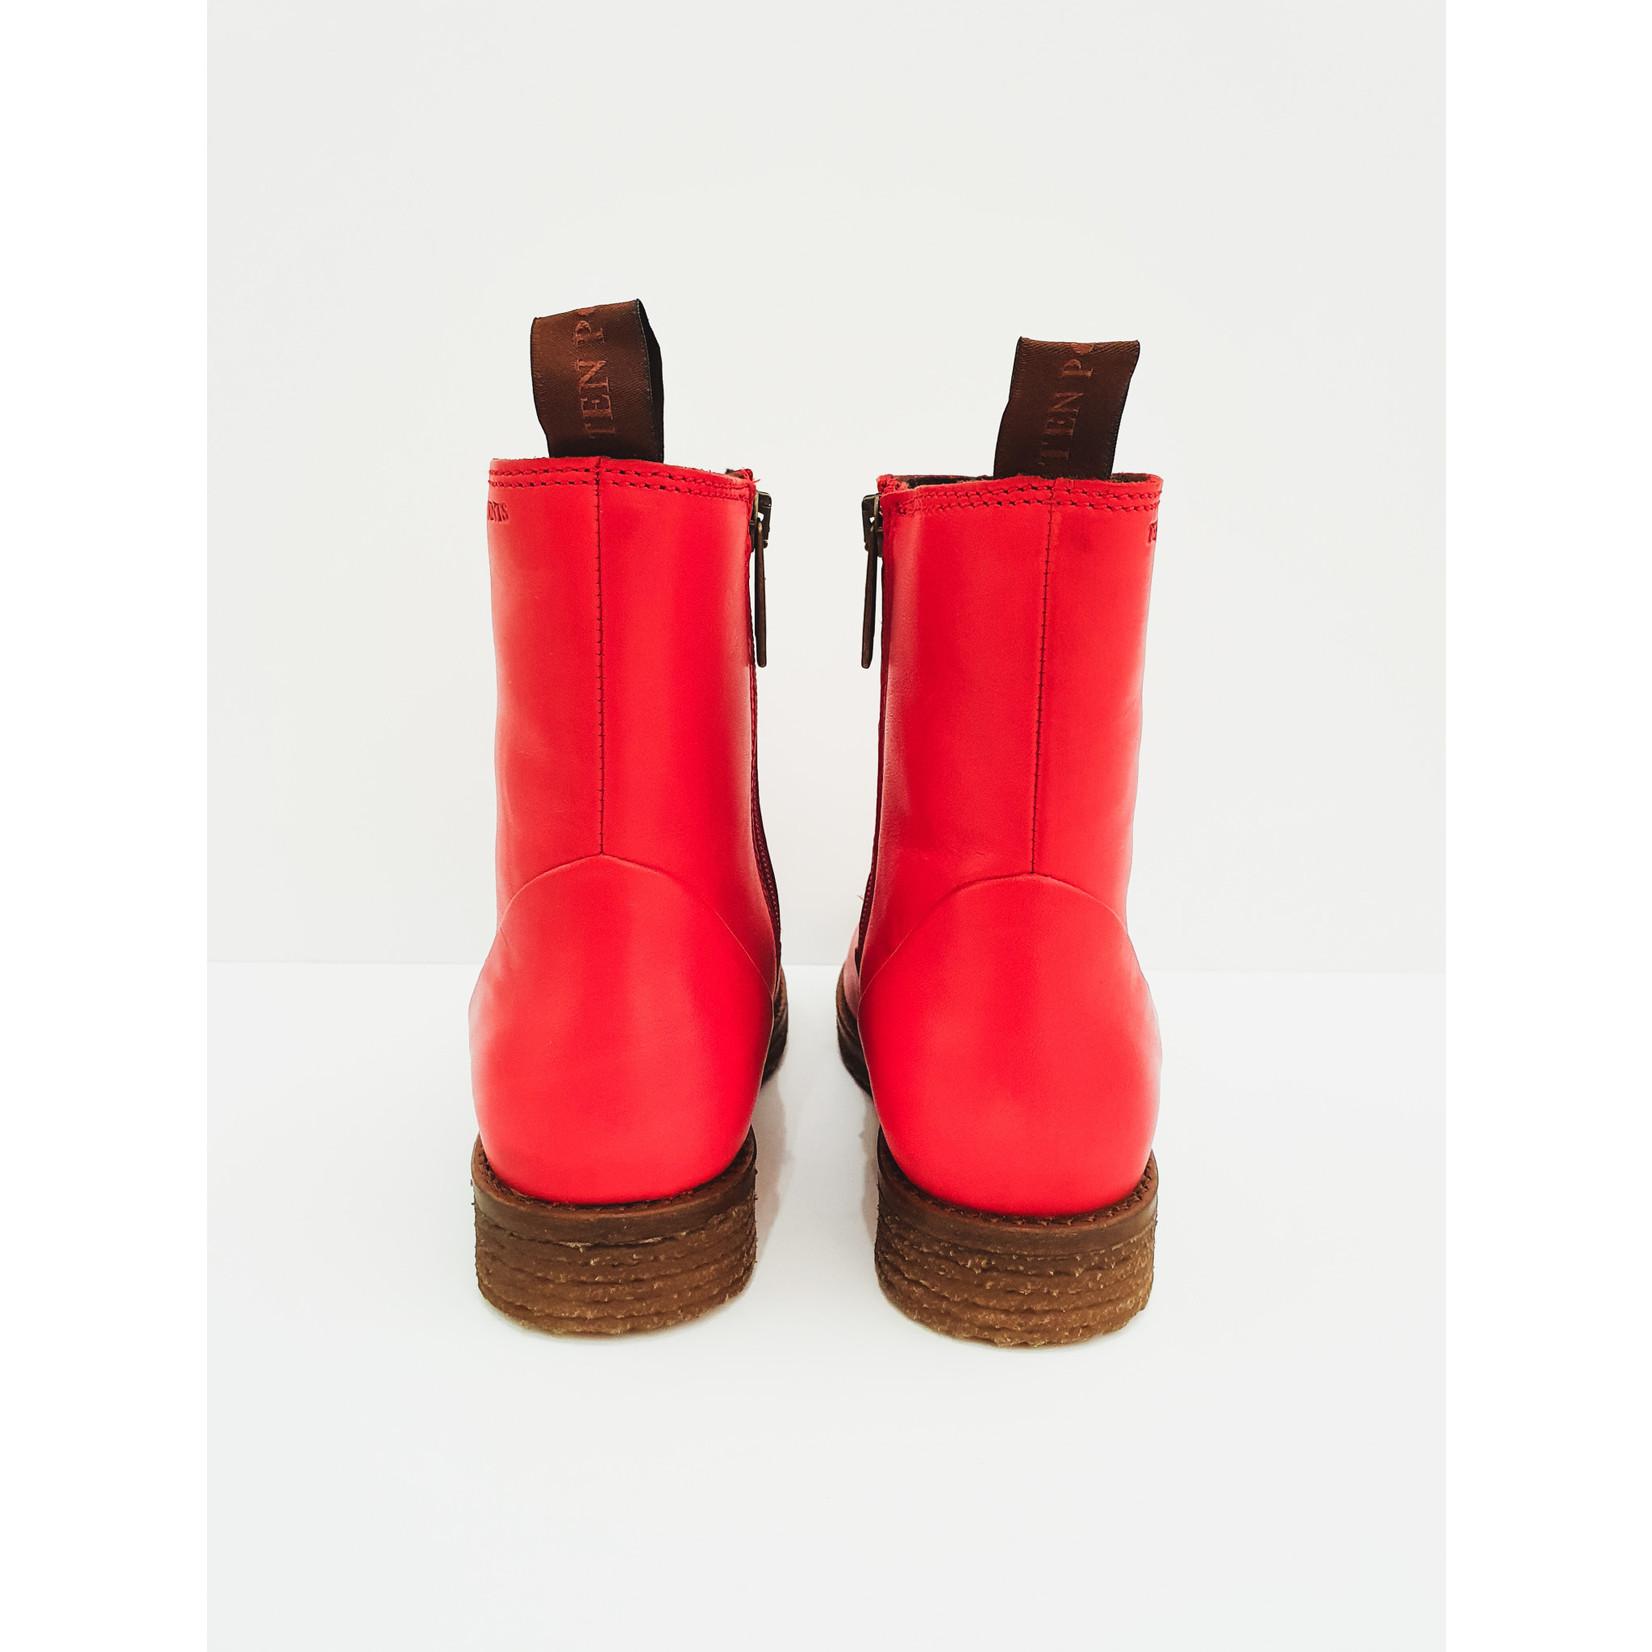 Fiery Love boots